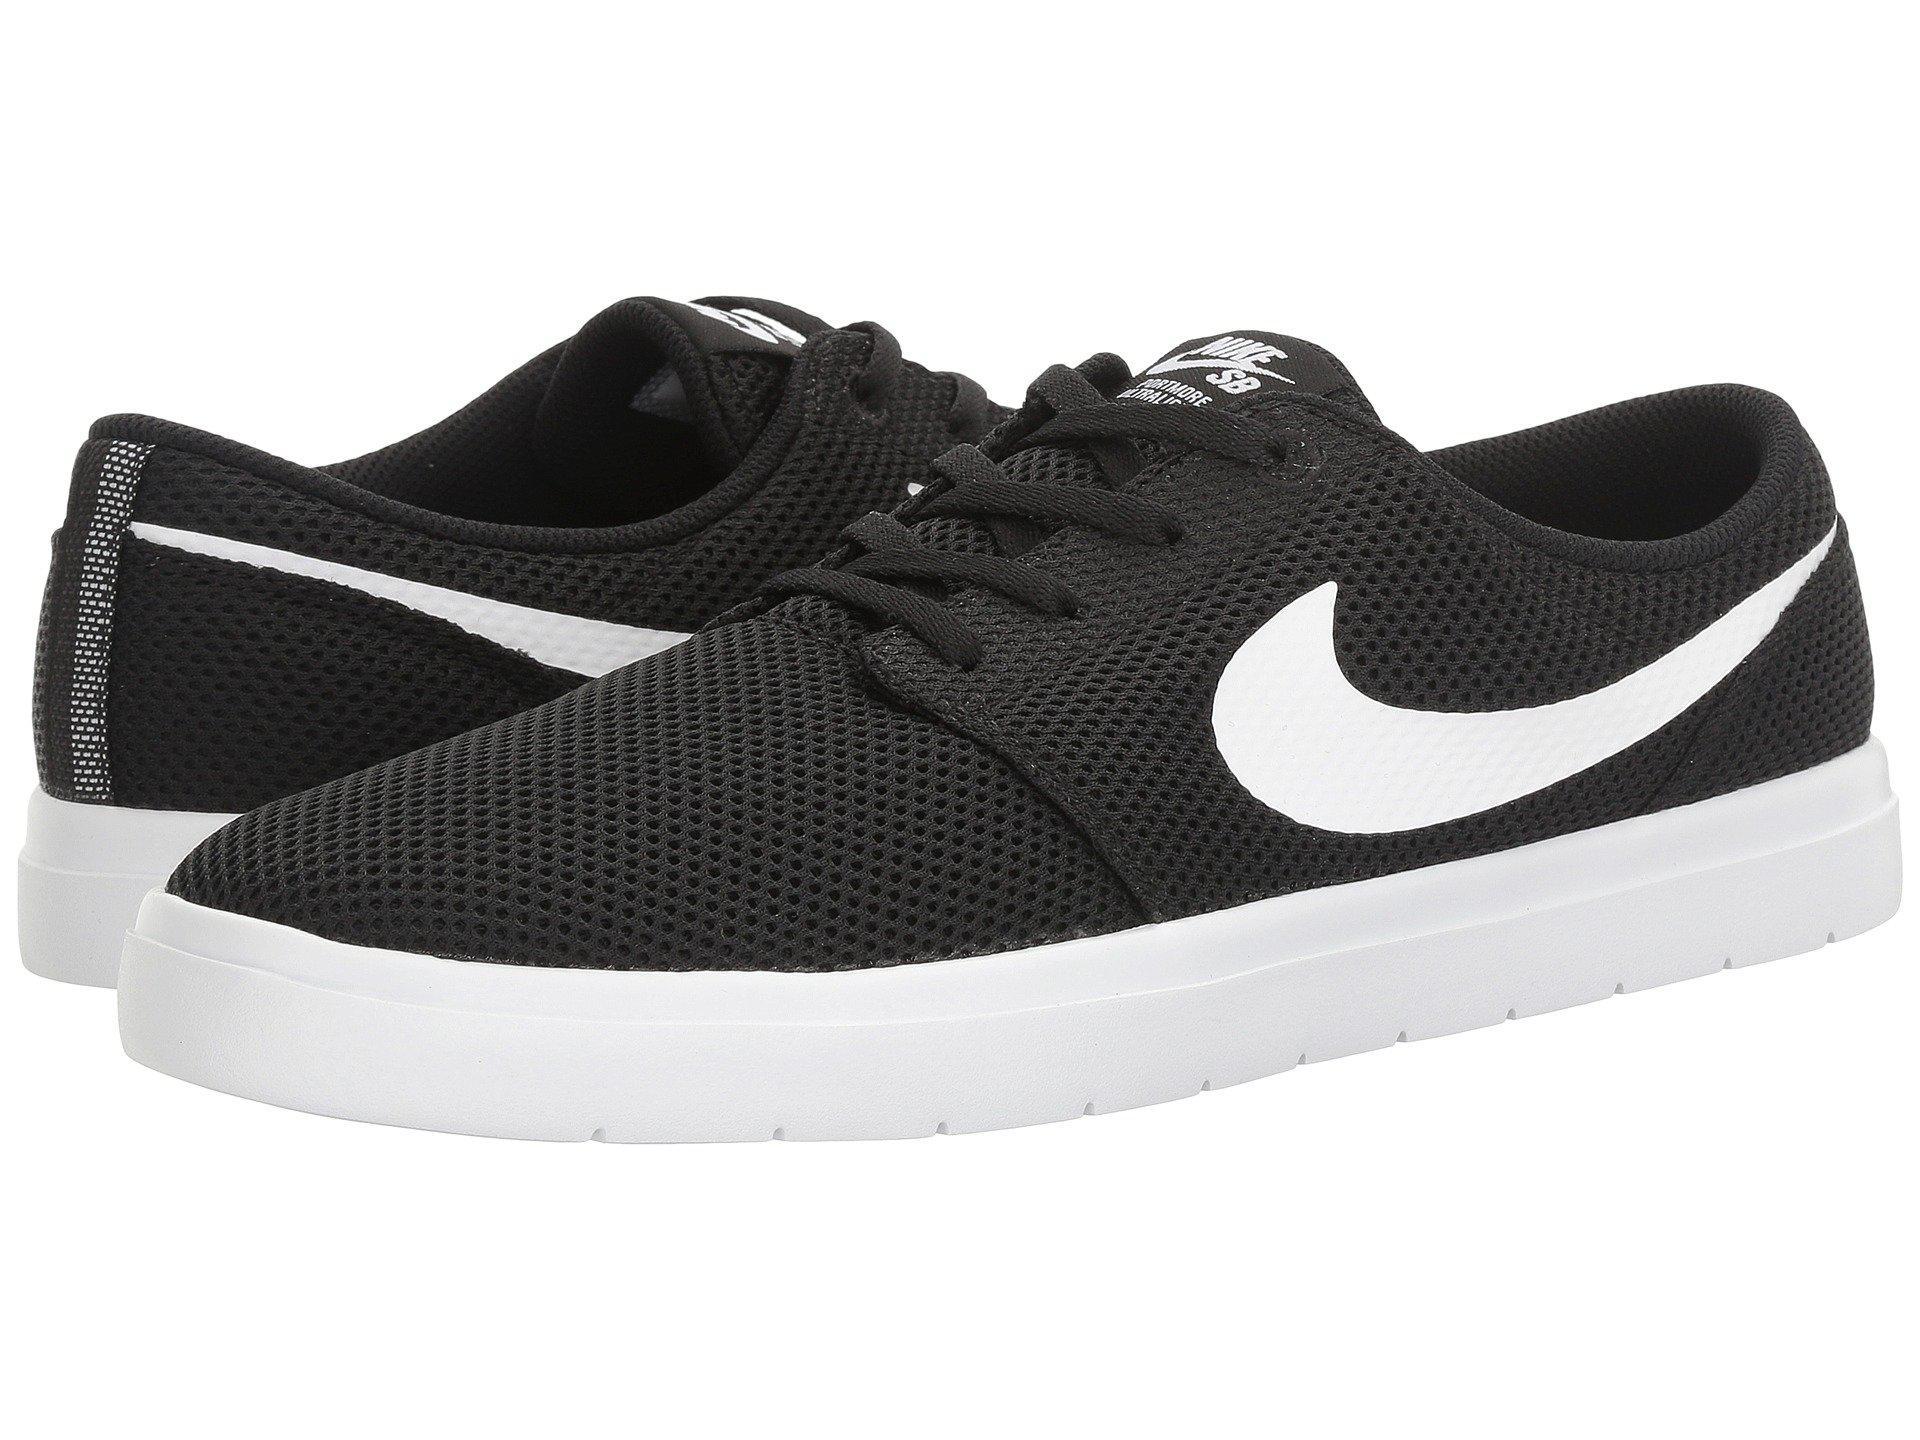 4fdd365d18118c Nike. Portmore Ii Ultralight (black black anthracite) Men s Skate Shoes